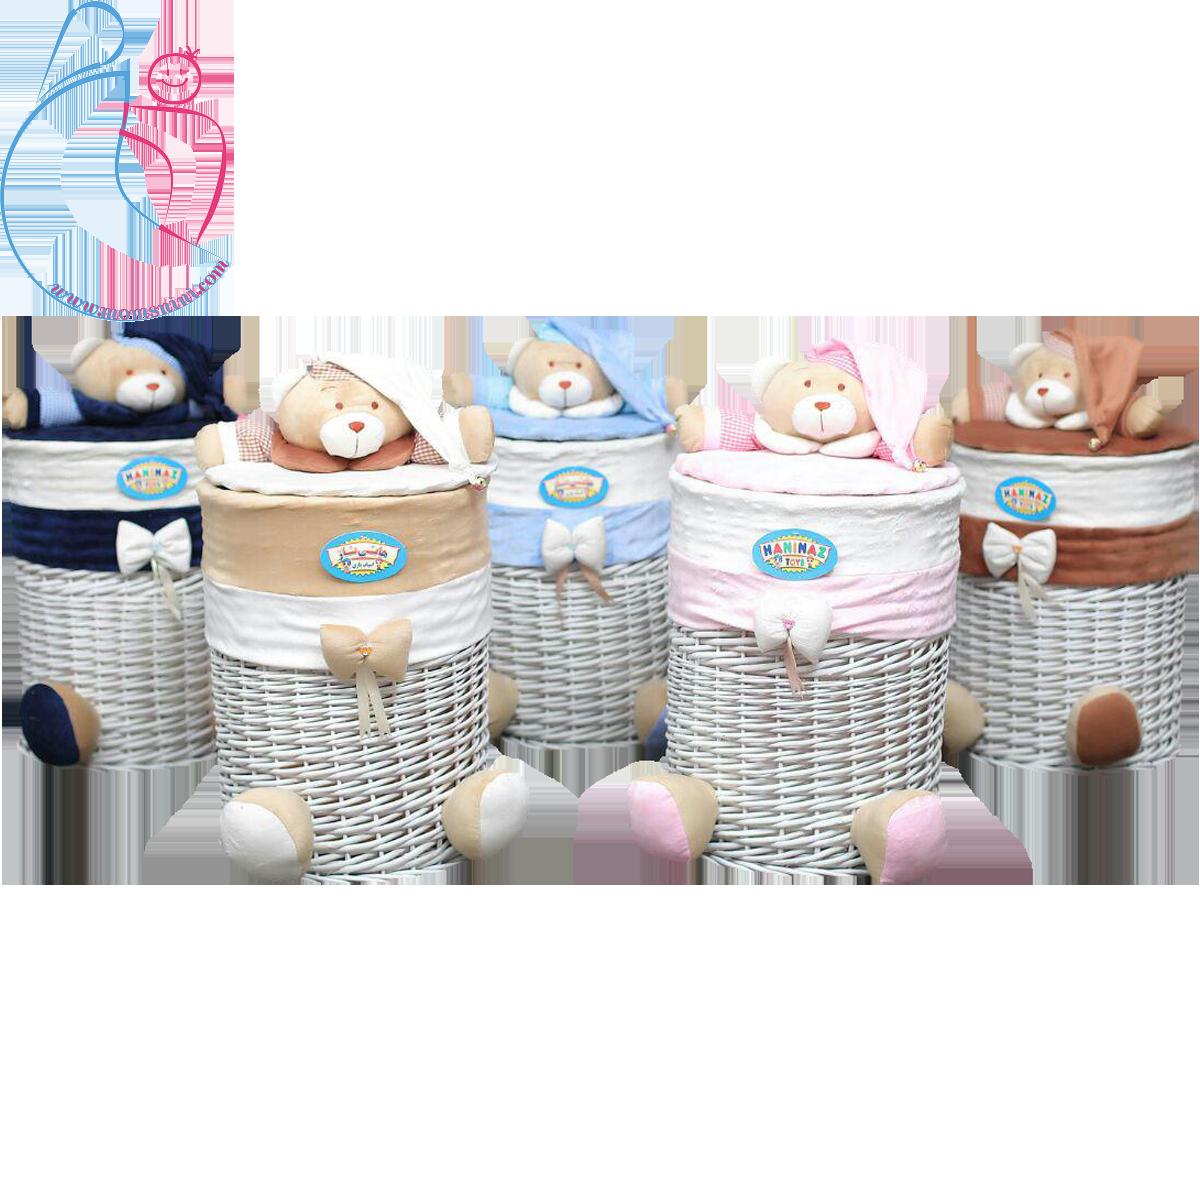 سبدلباس مدل خرسی تدی ( teddy bear decorated basket)